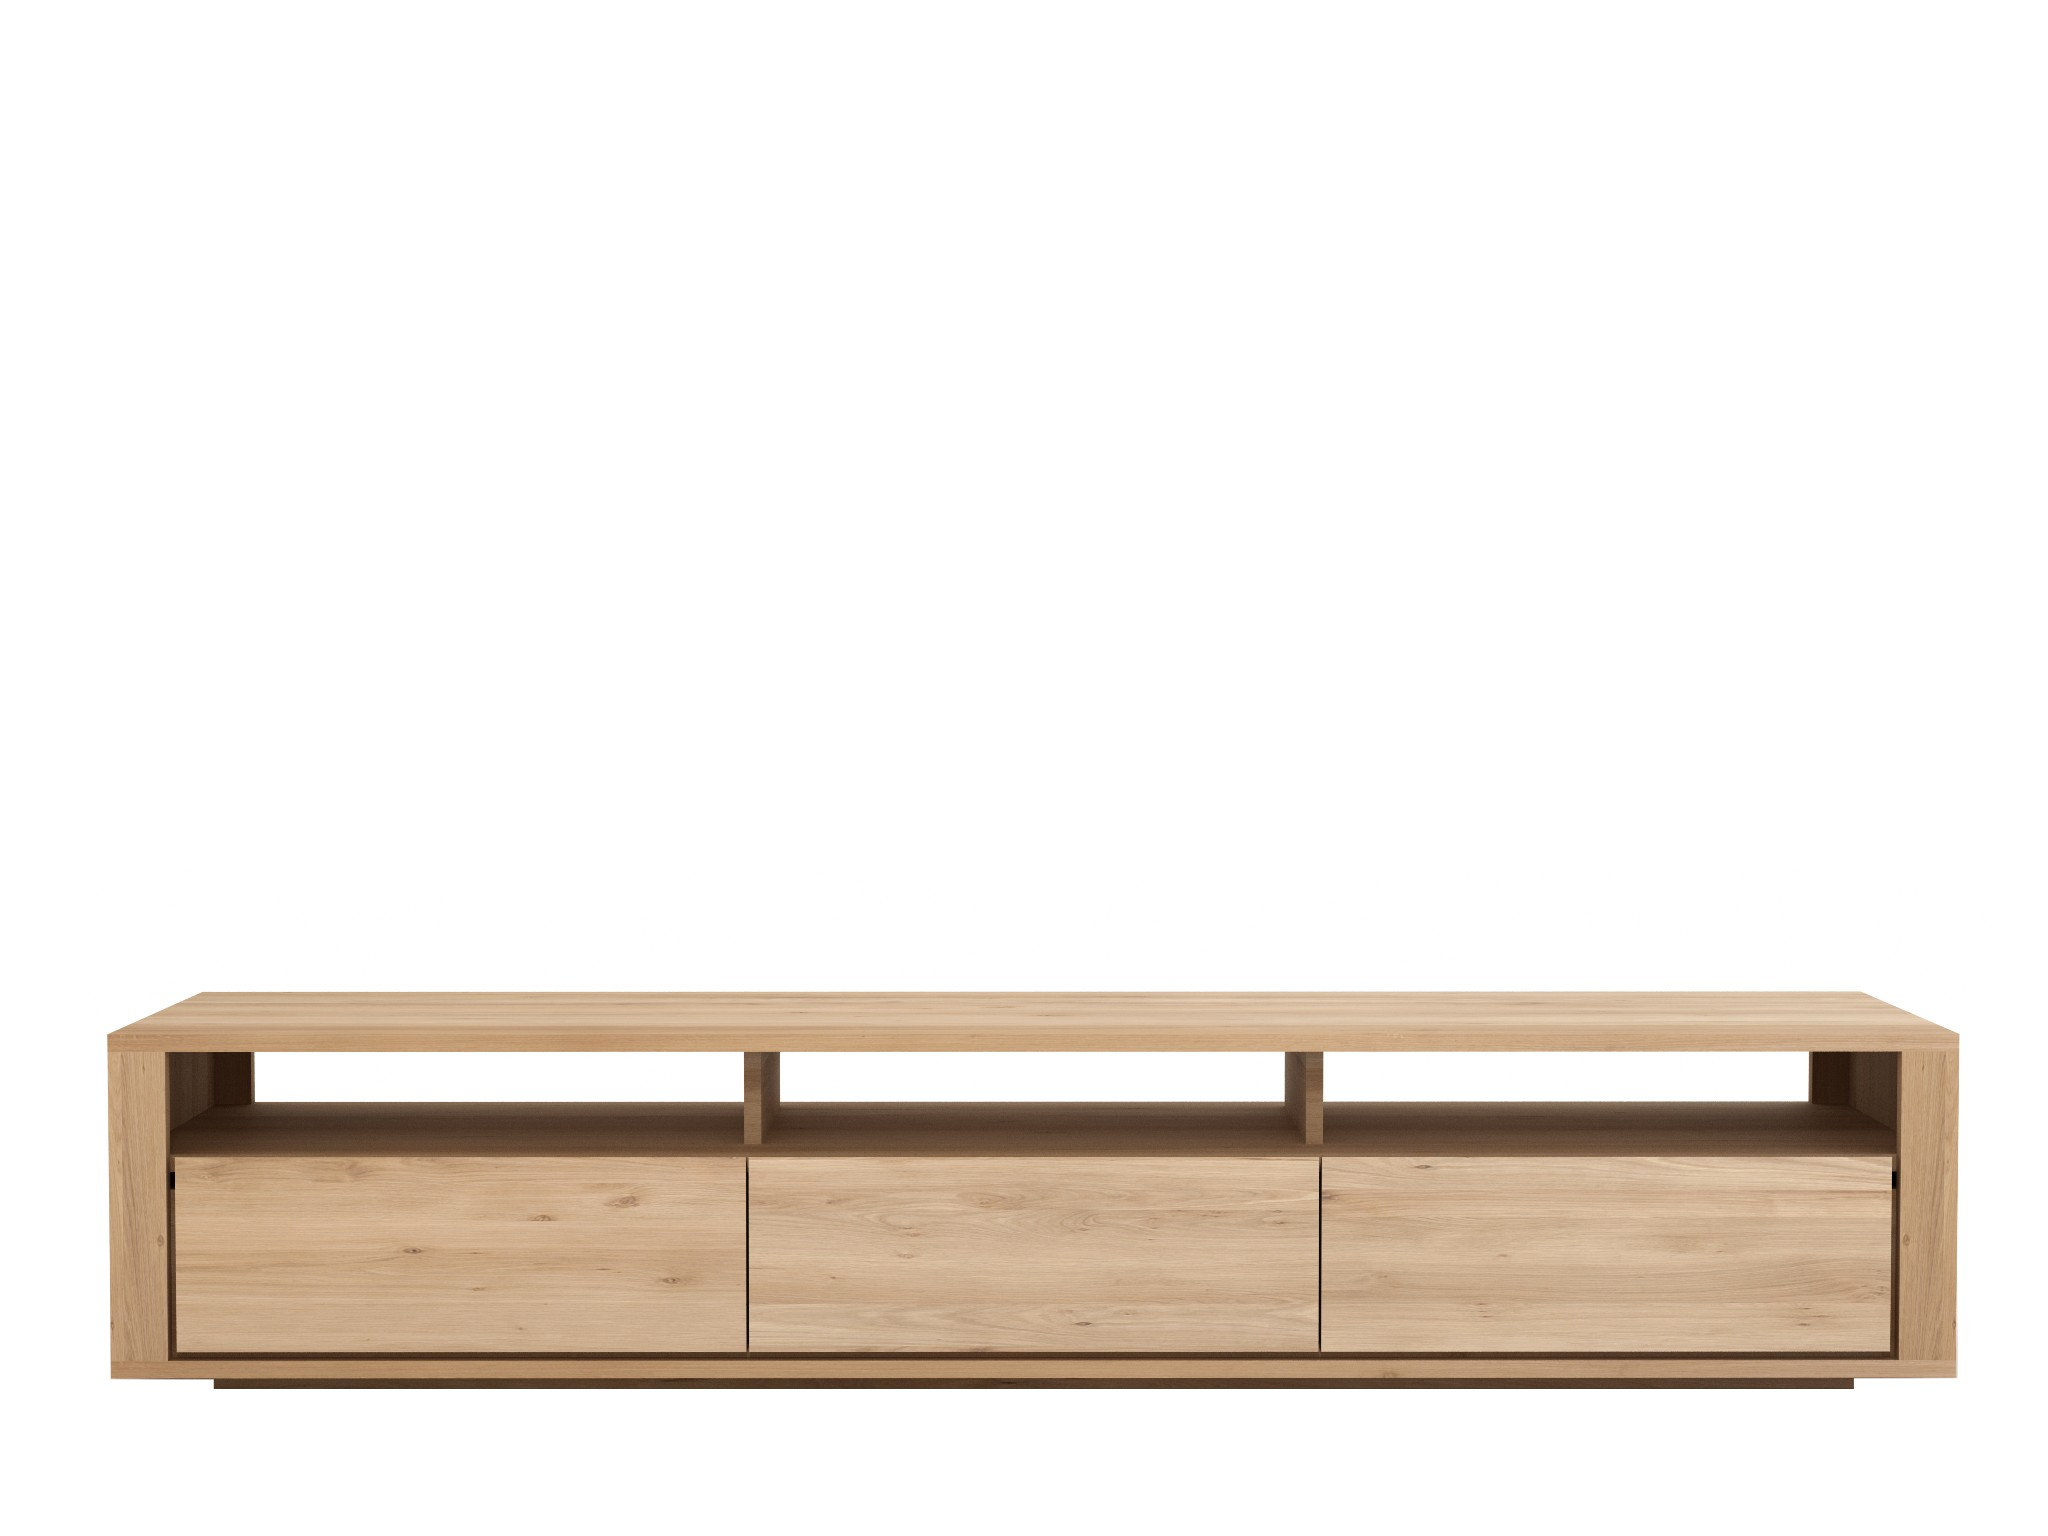 Meubles une chaise sur le toit partenaire de vos projets for Meuble tele long